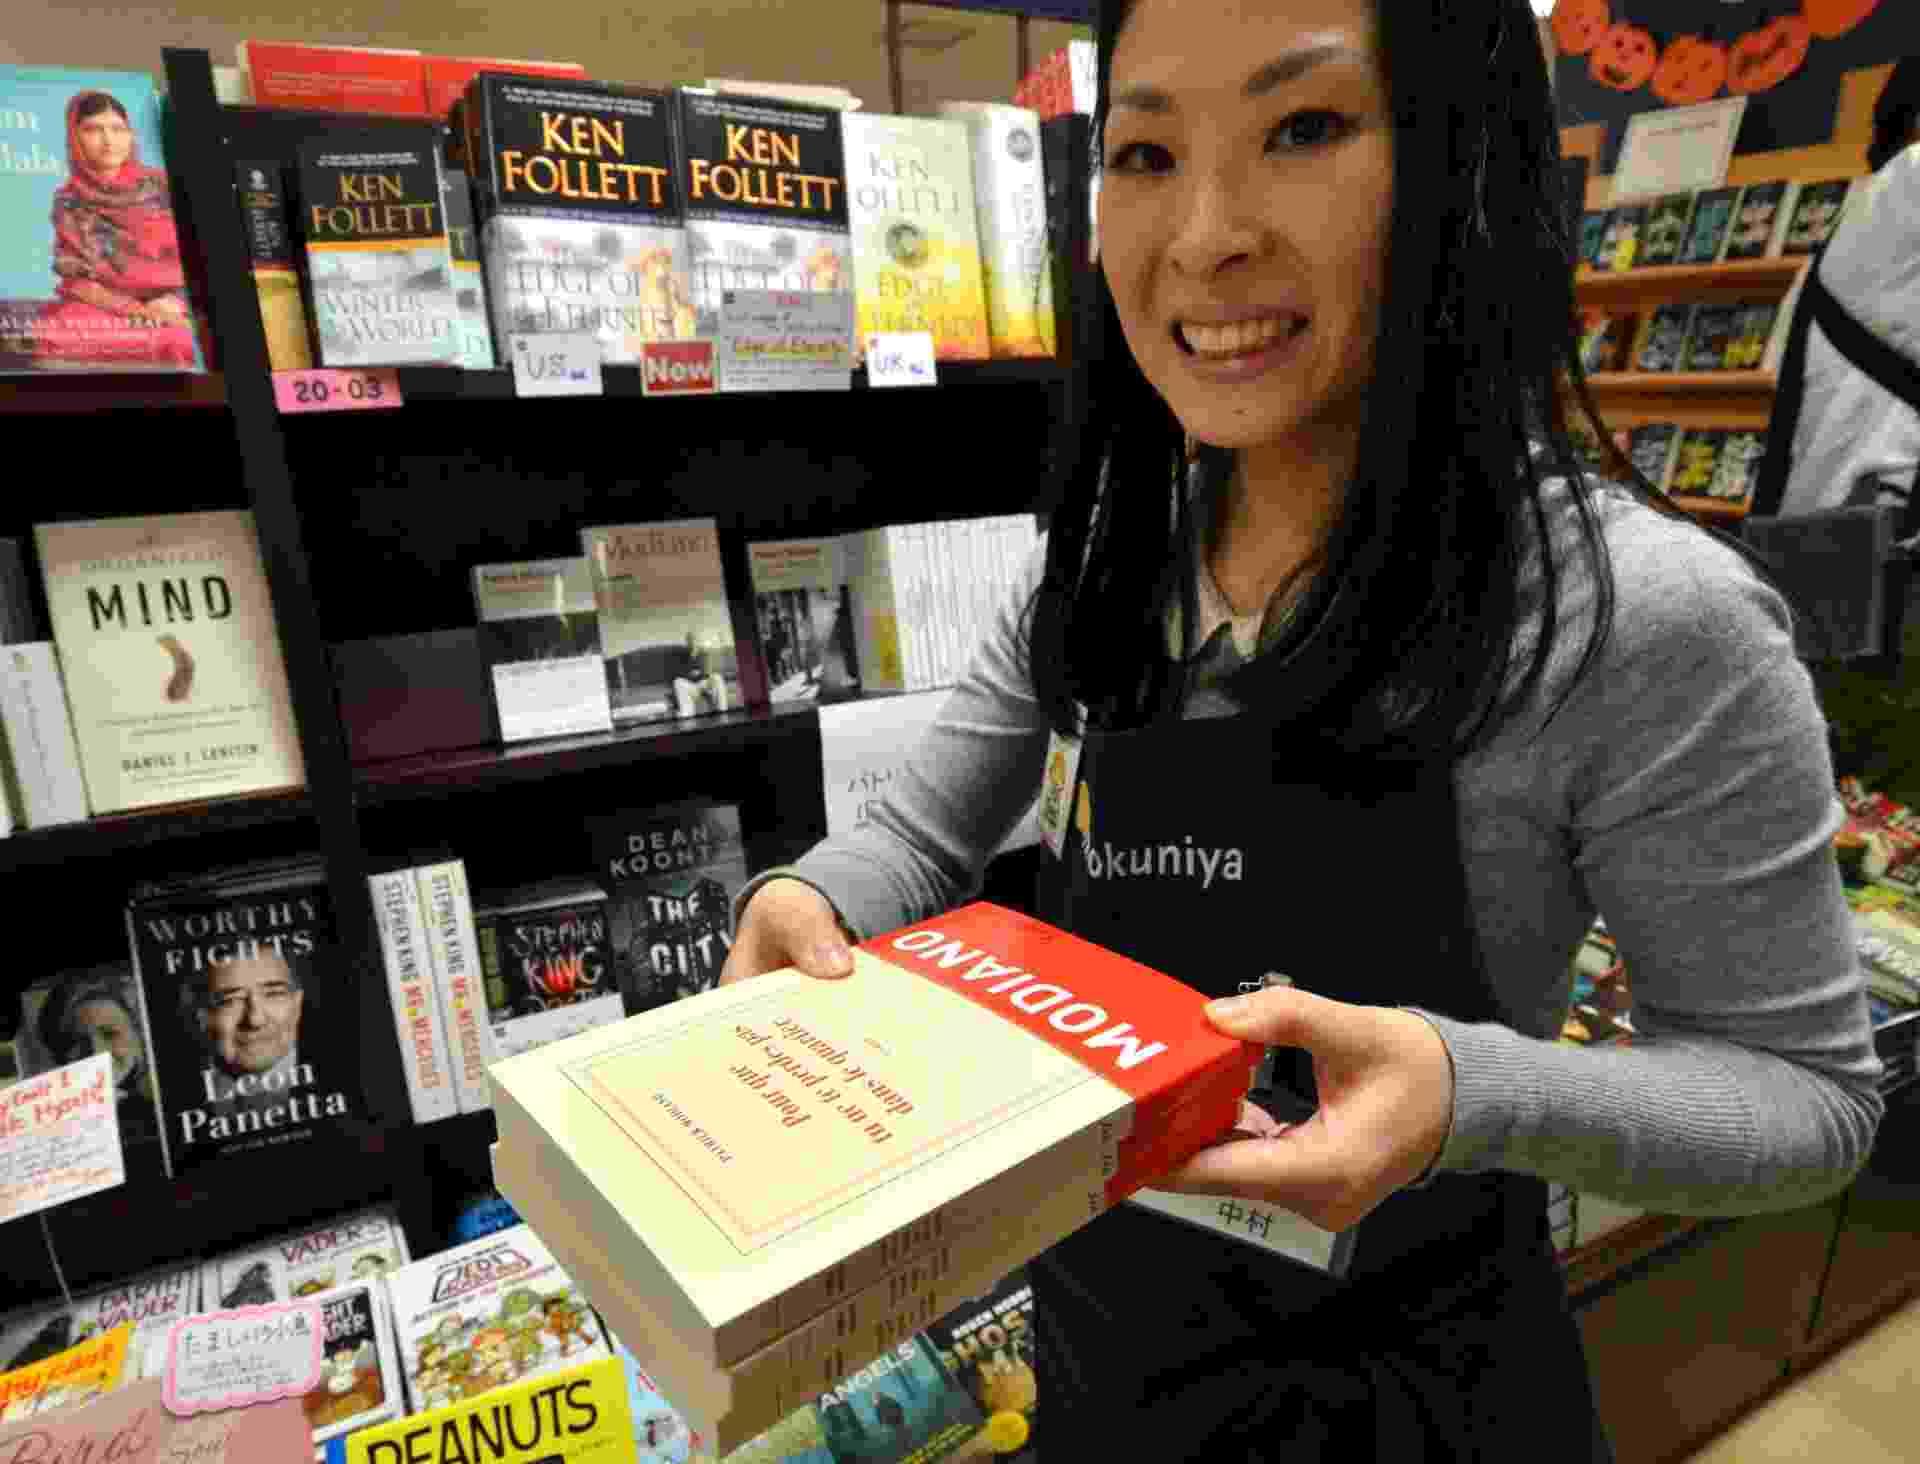 9.out.2014 - Vendedora de livraria em Tóquio mostra obra de Patrick Modiano, vencedor do Nobel de Literatura - Yoshikazu Tsuno/AFP